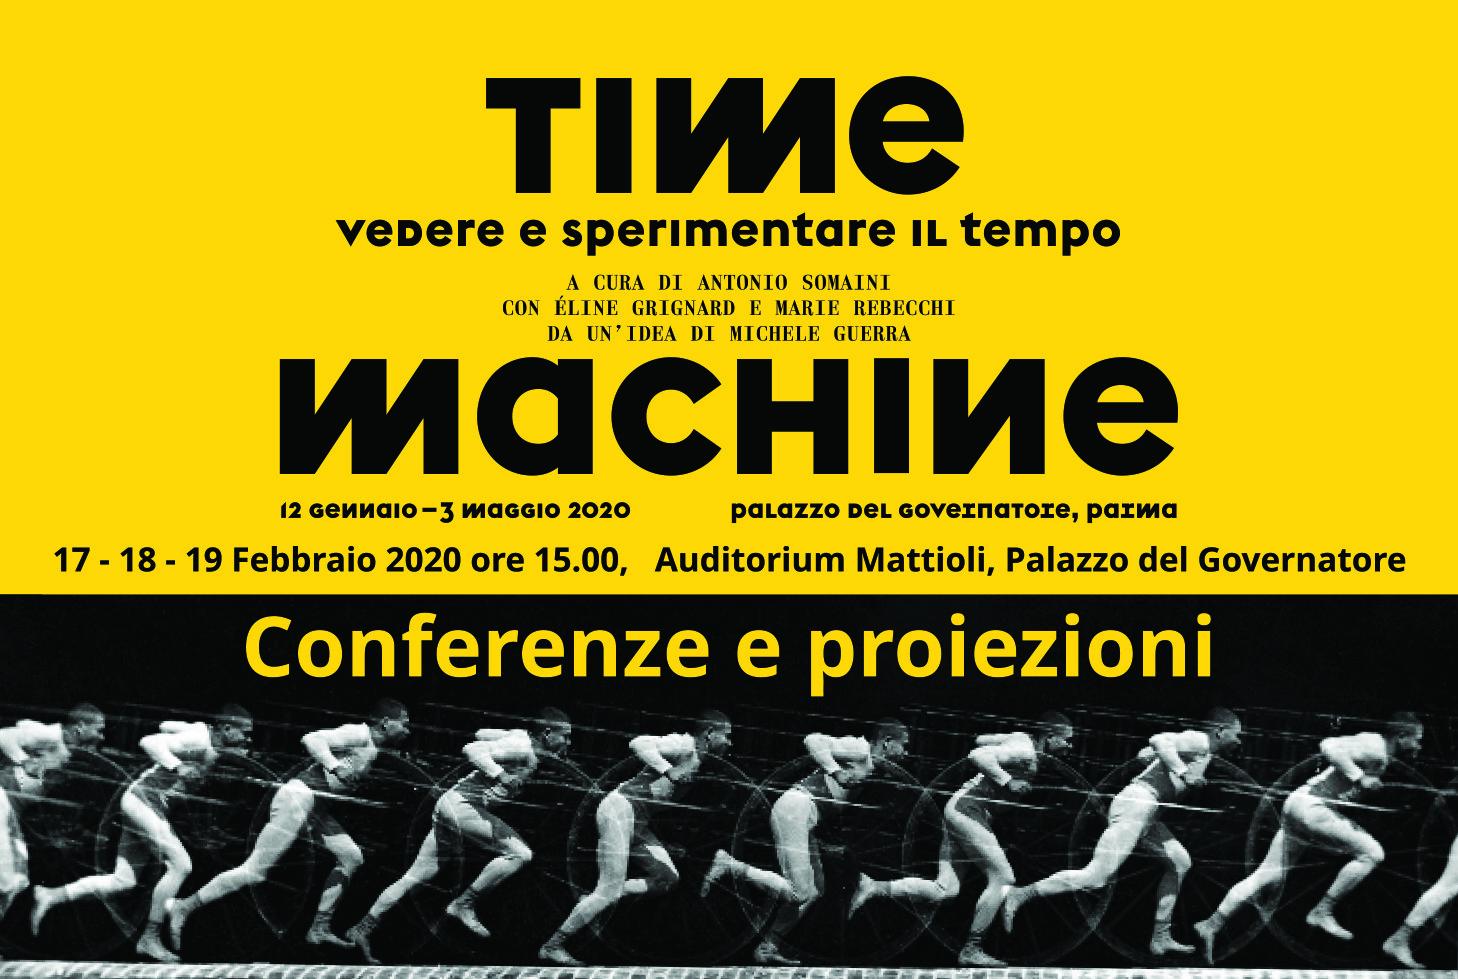 Time Machine, conferenze e proiezioni cinematografiche nell'ambito della mostra ospitata a Palazzo del Governatore :le proiezioni